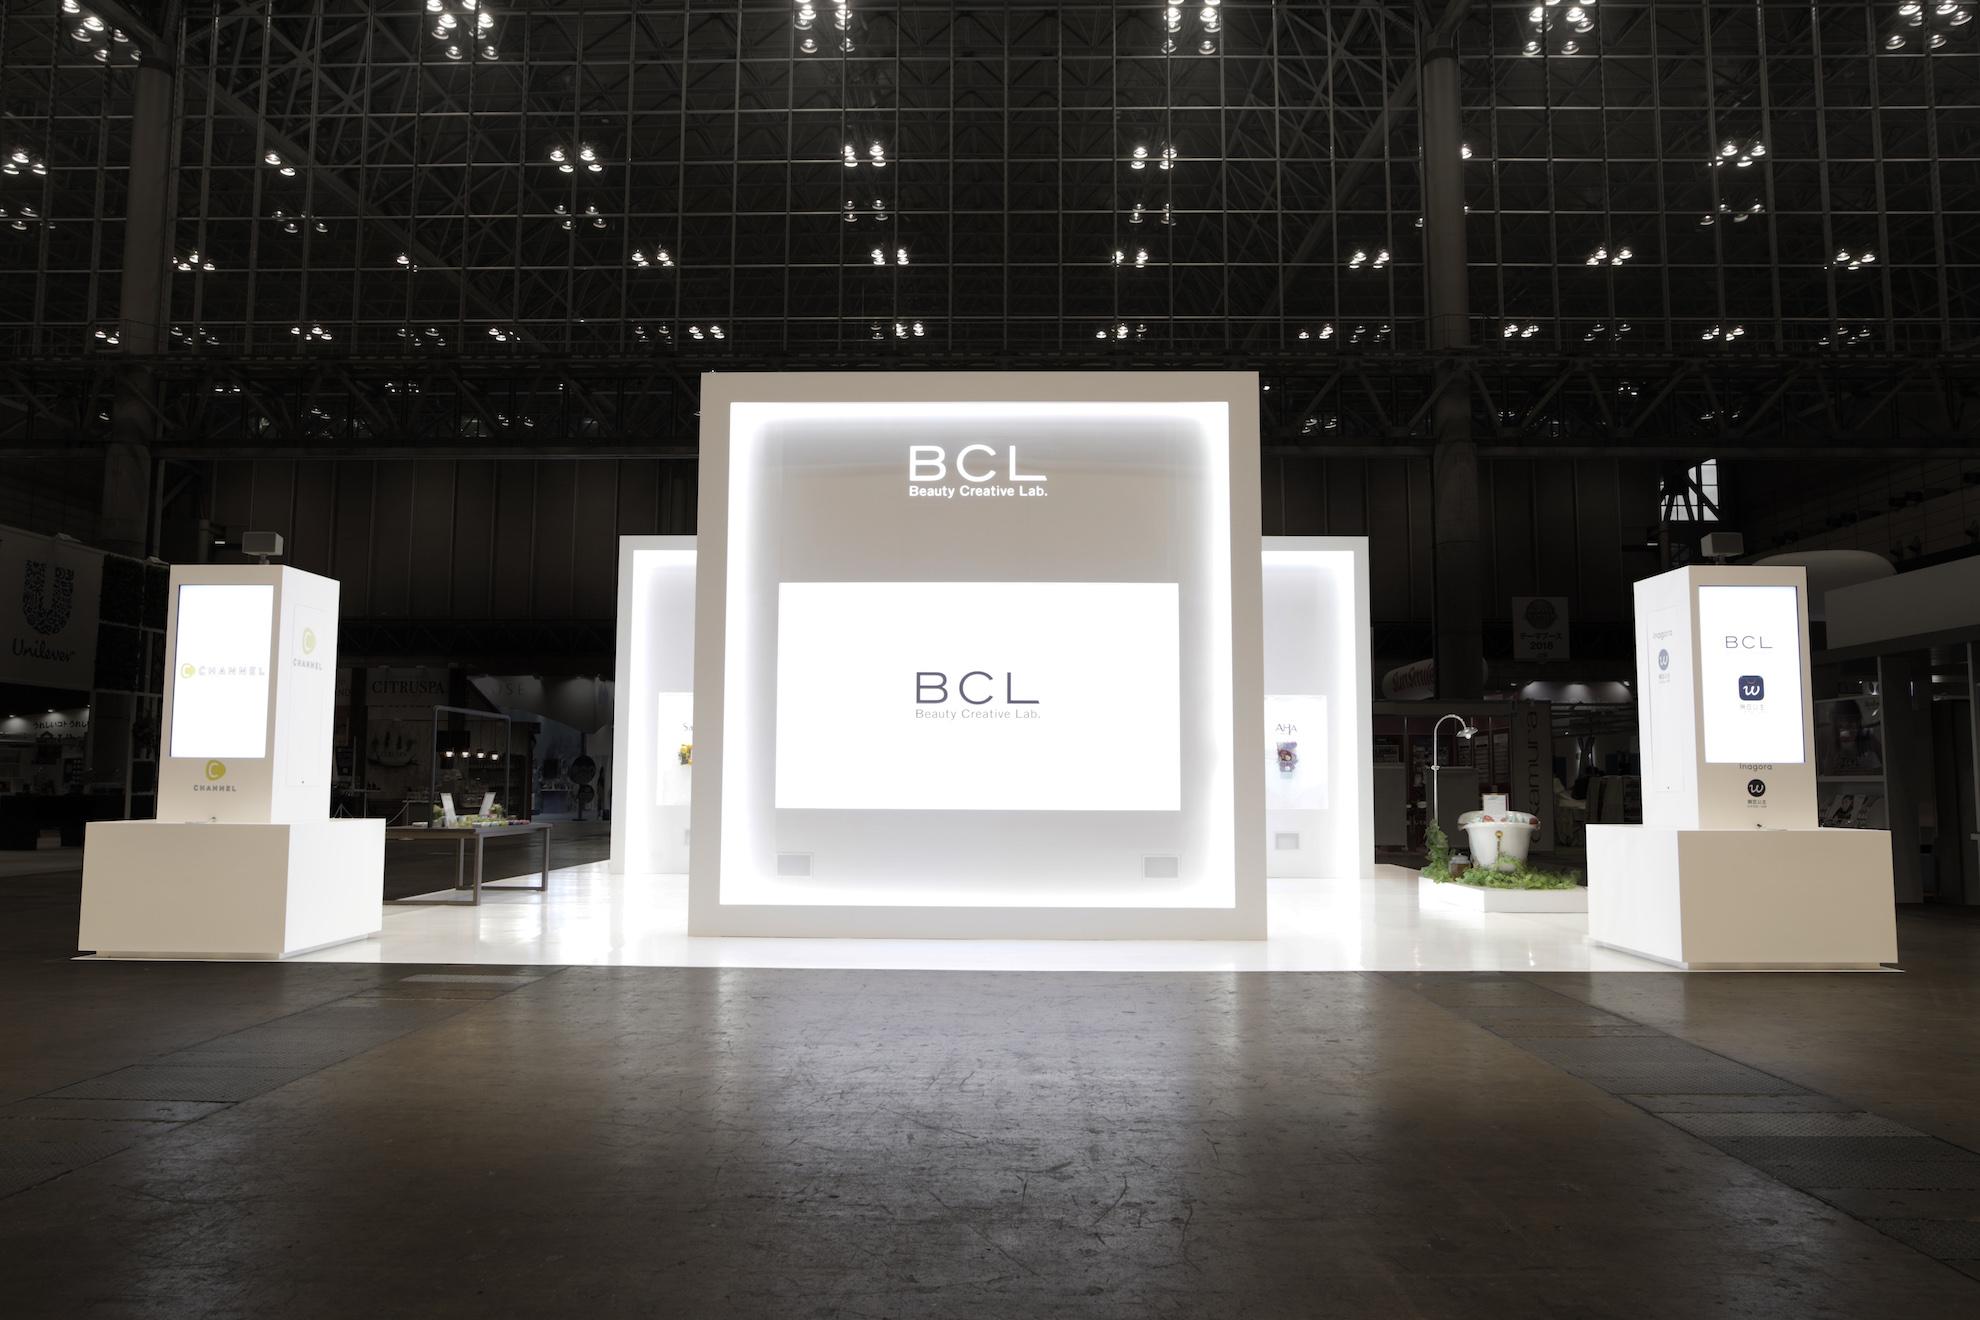 JAPANドラッグストアショー2018 / BCLブース